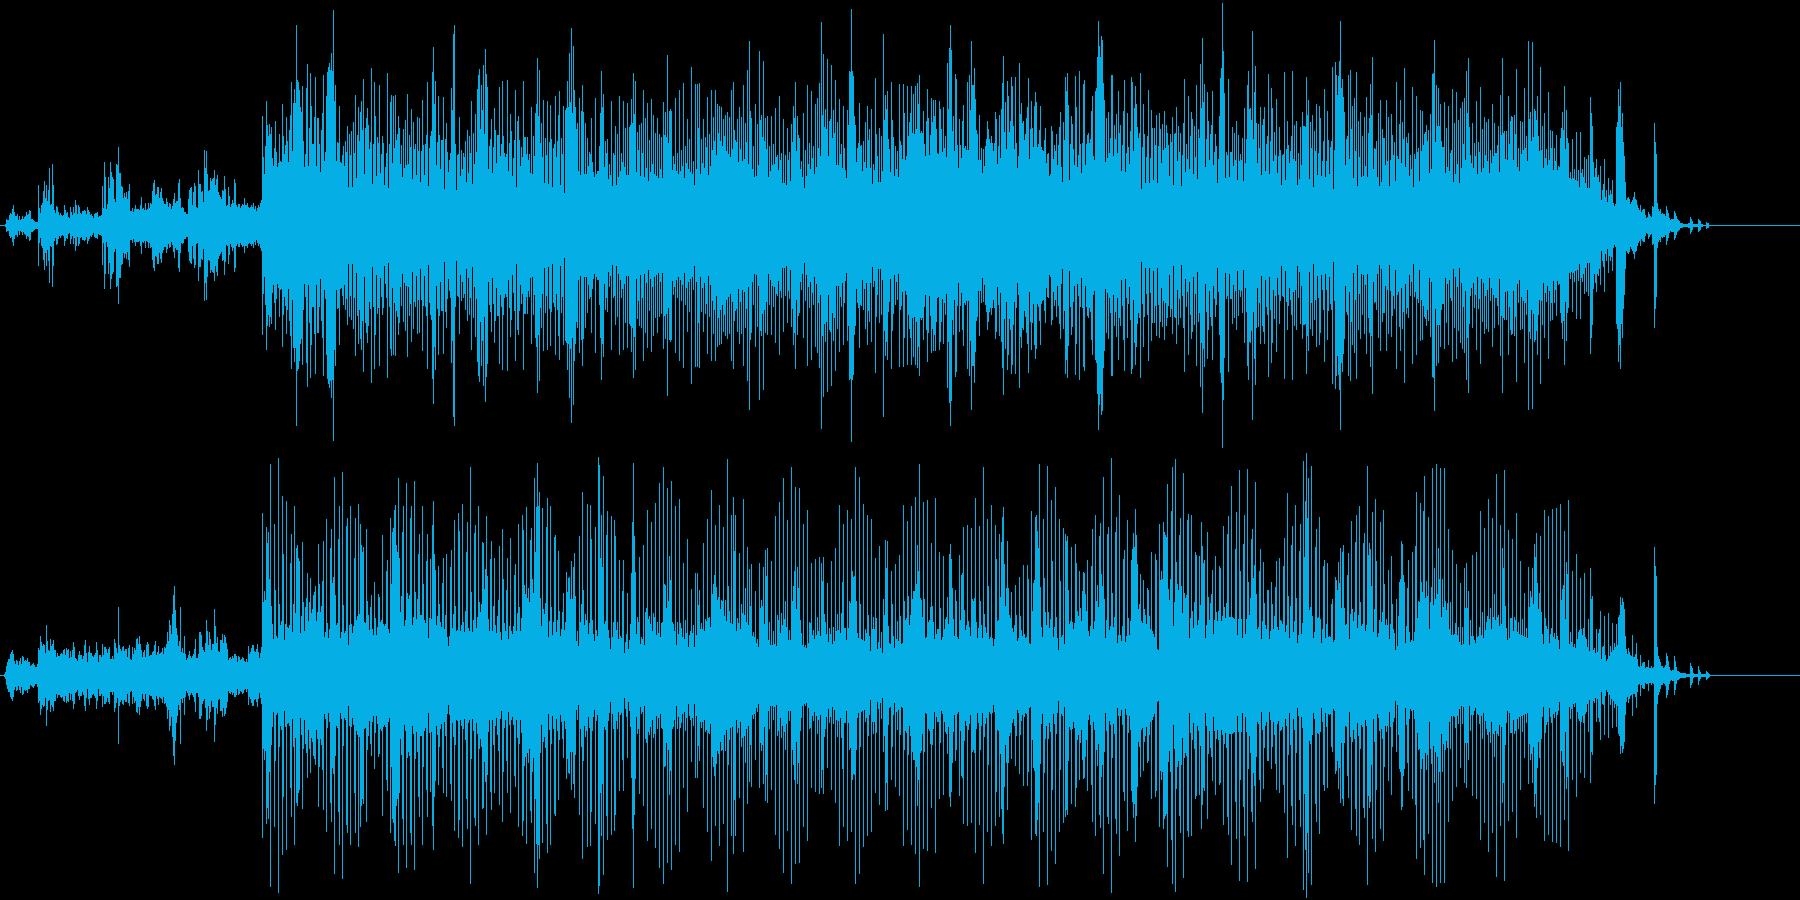 近未来的なテクスチャー楽曲の再生済みの波形